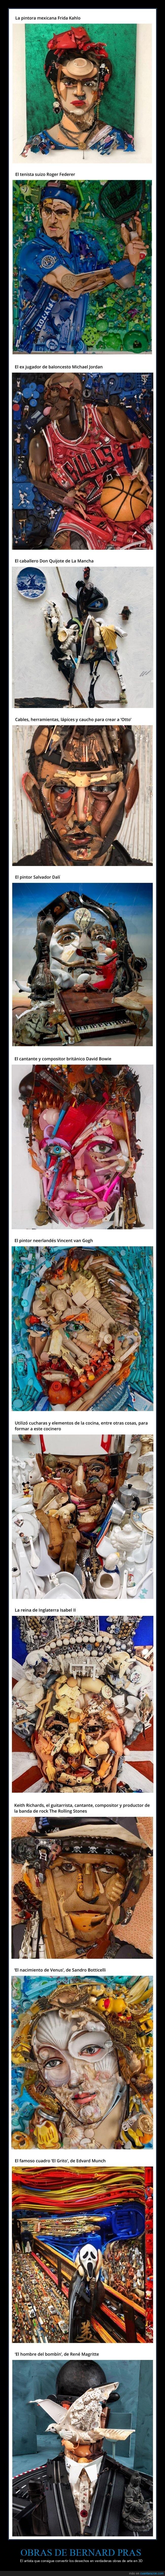 arte,bernard pras,desechos